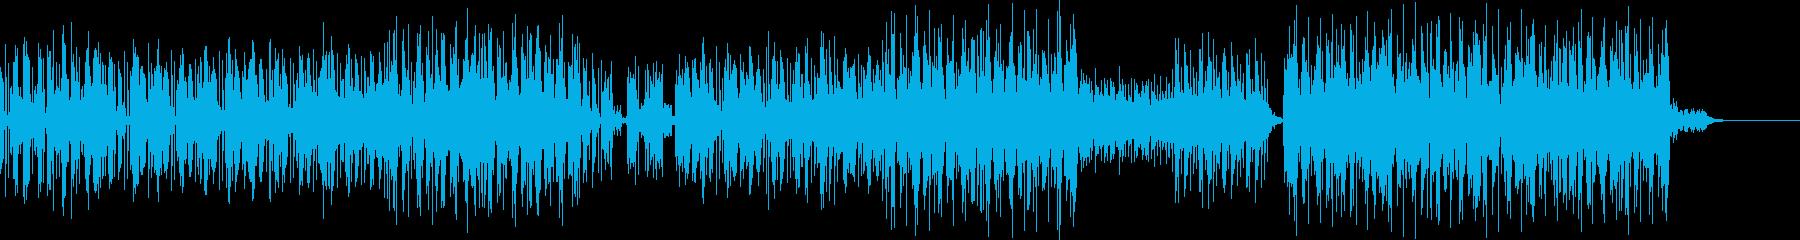 電気研究所ロボット機械。ハイテク技...の再生済みの波形